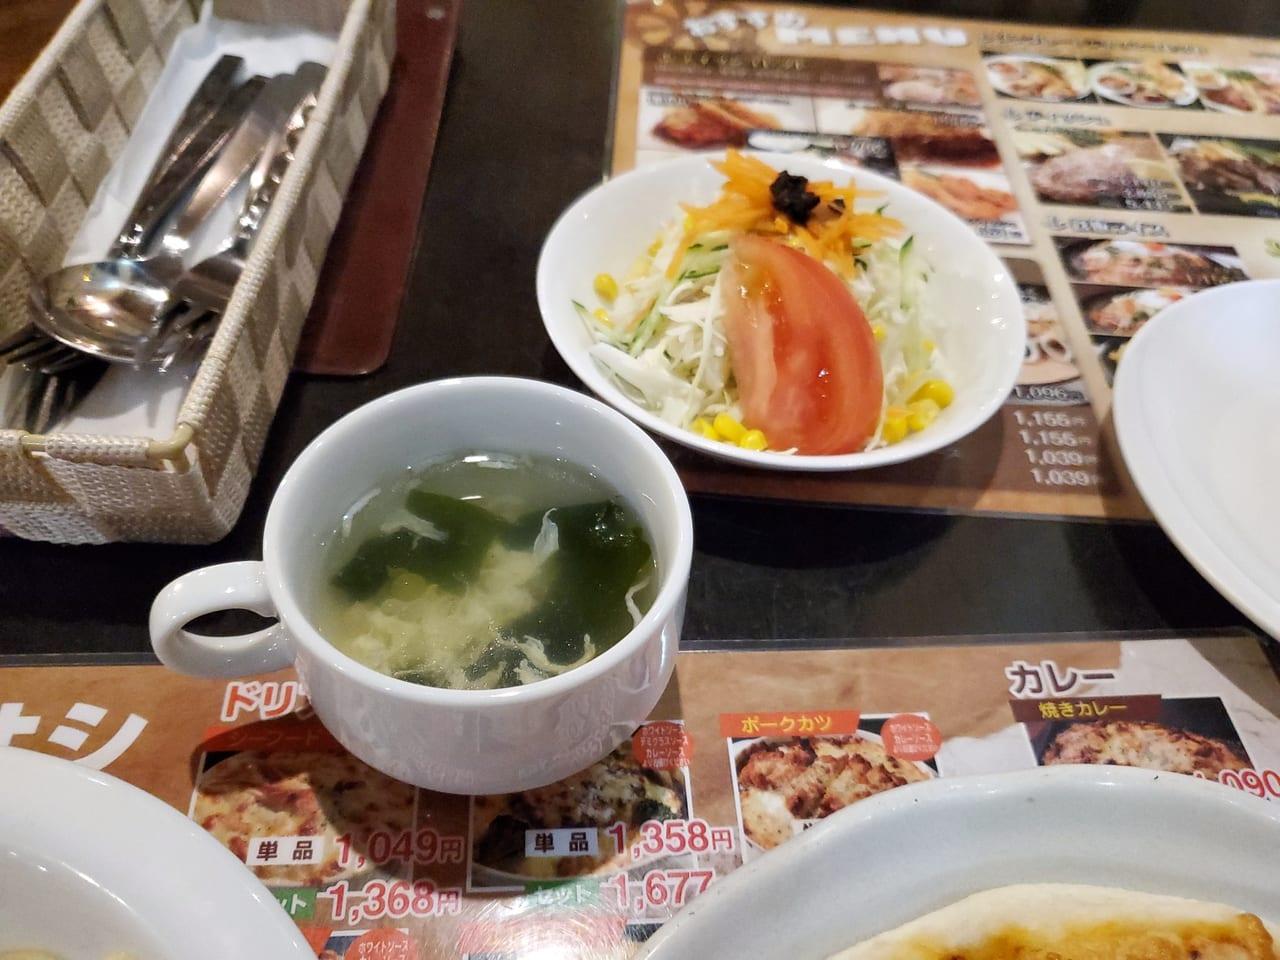 十勝 帯広 レストラン 宝島